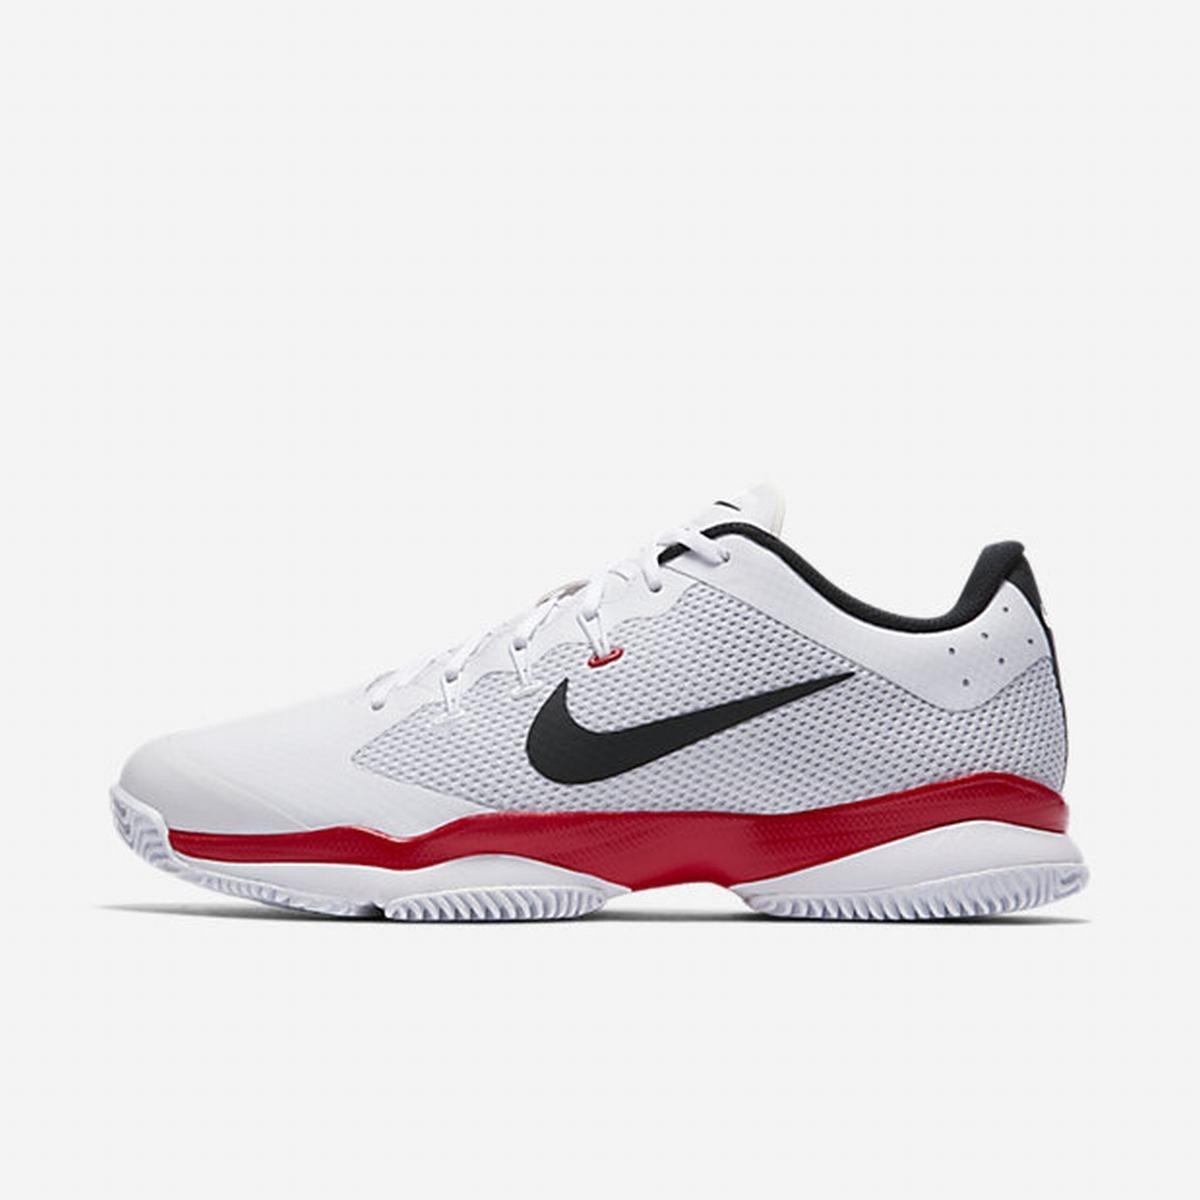 Zapatillas Nike Air Zoom Ultra Tenis Nuevas Talle Us 10 -   2.750 76875f774c608